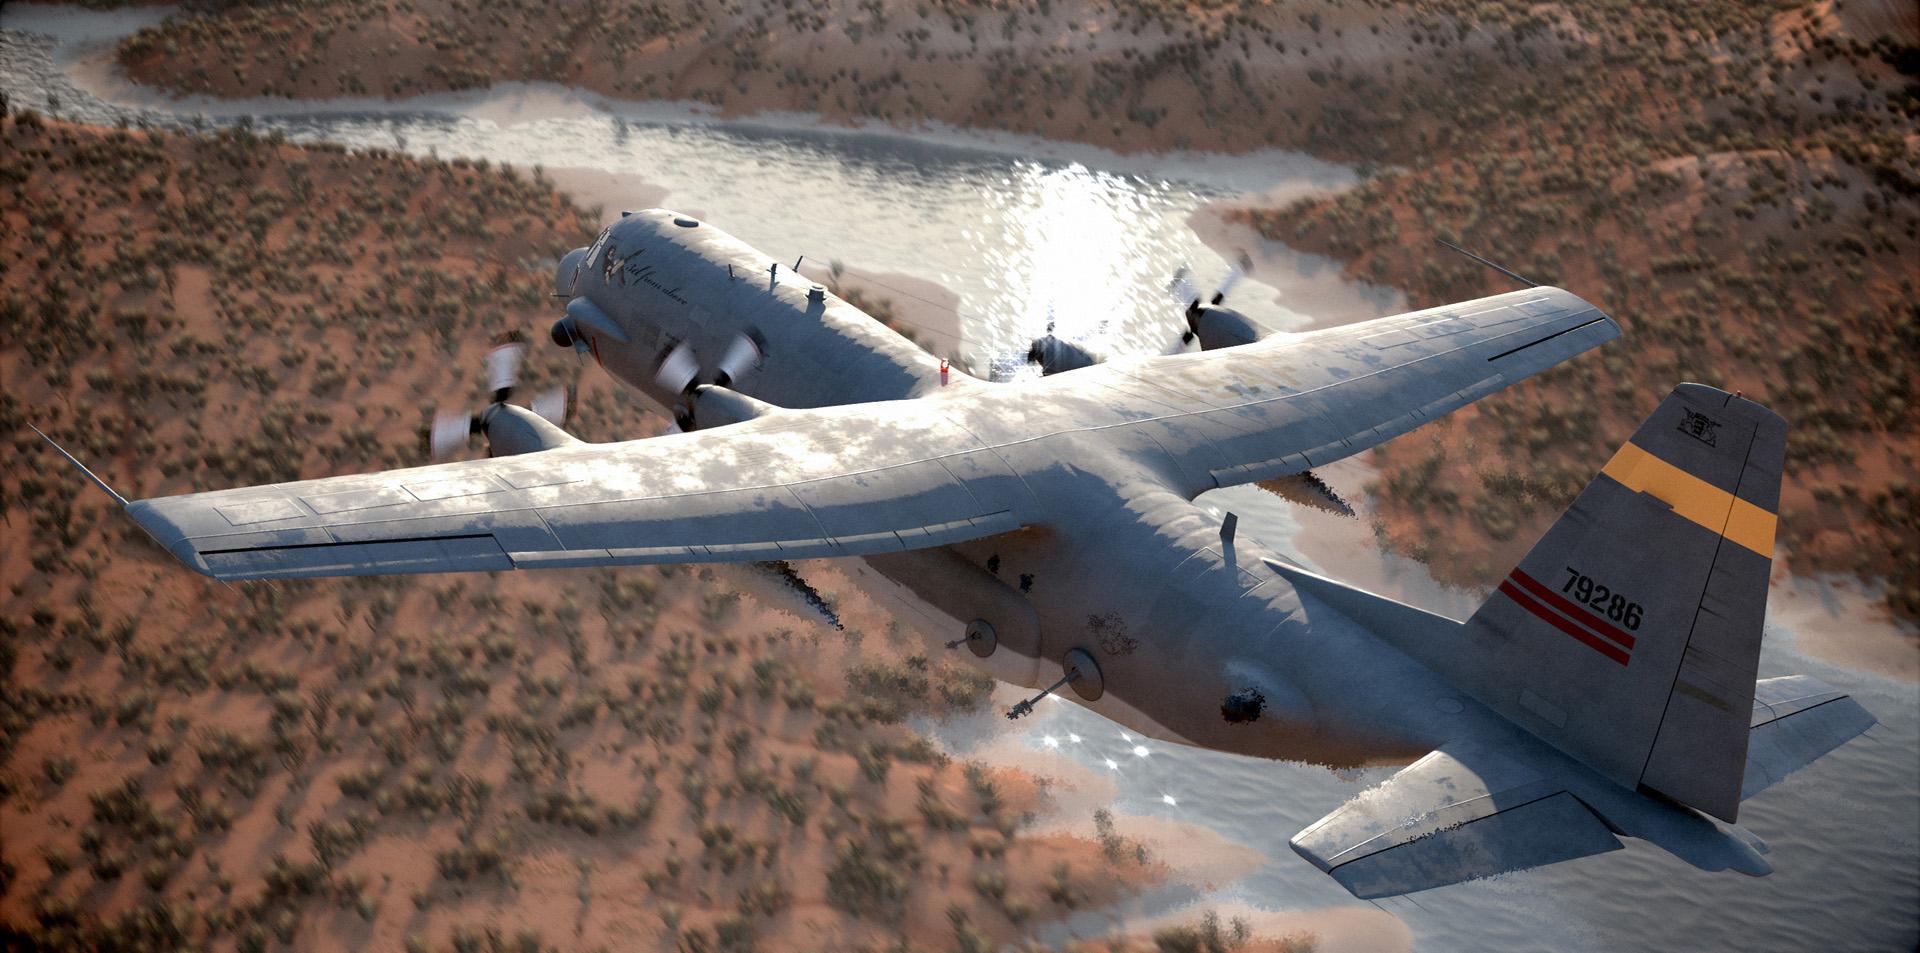 AC-130 landing